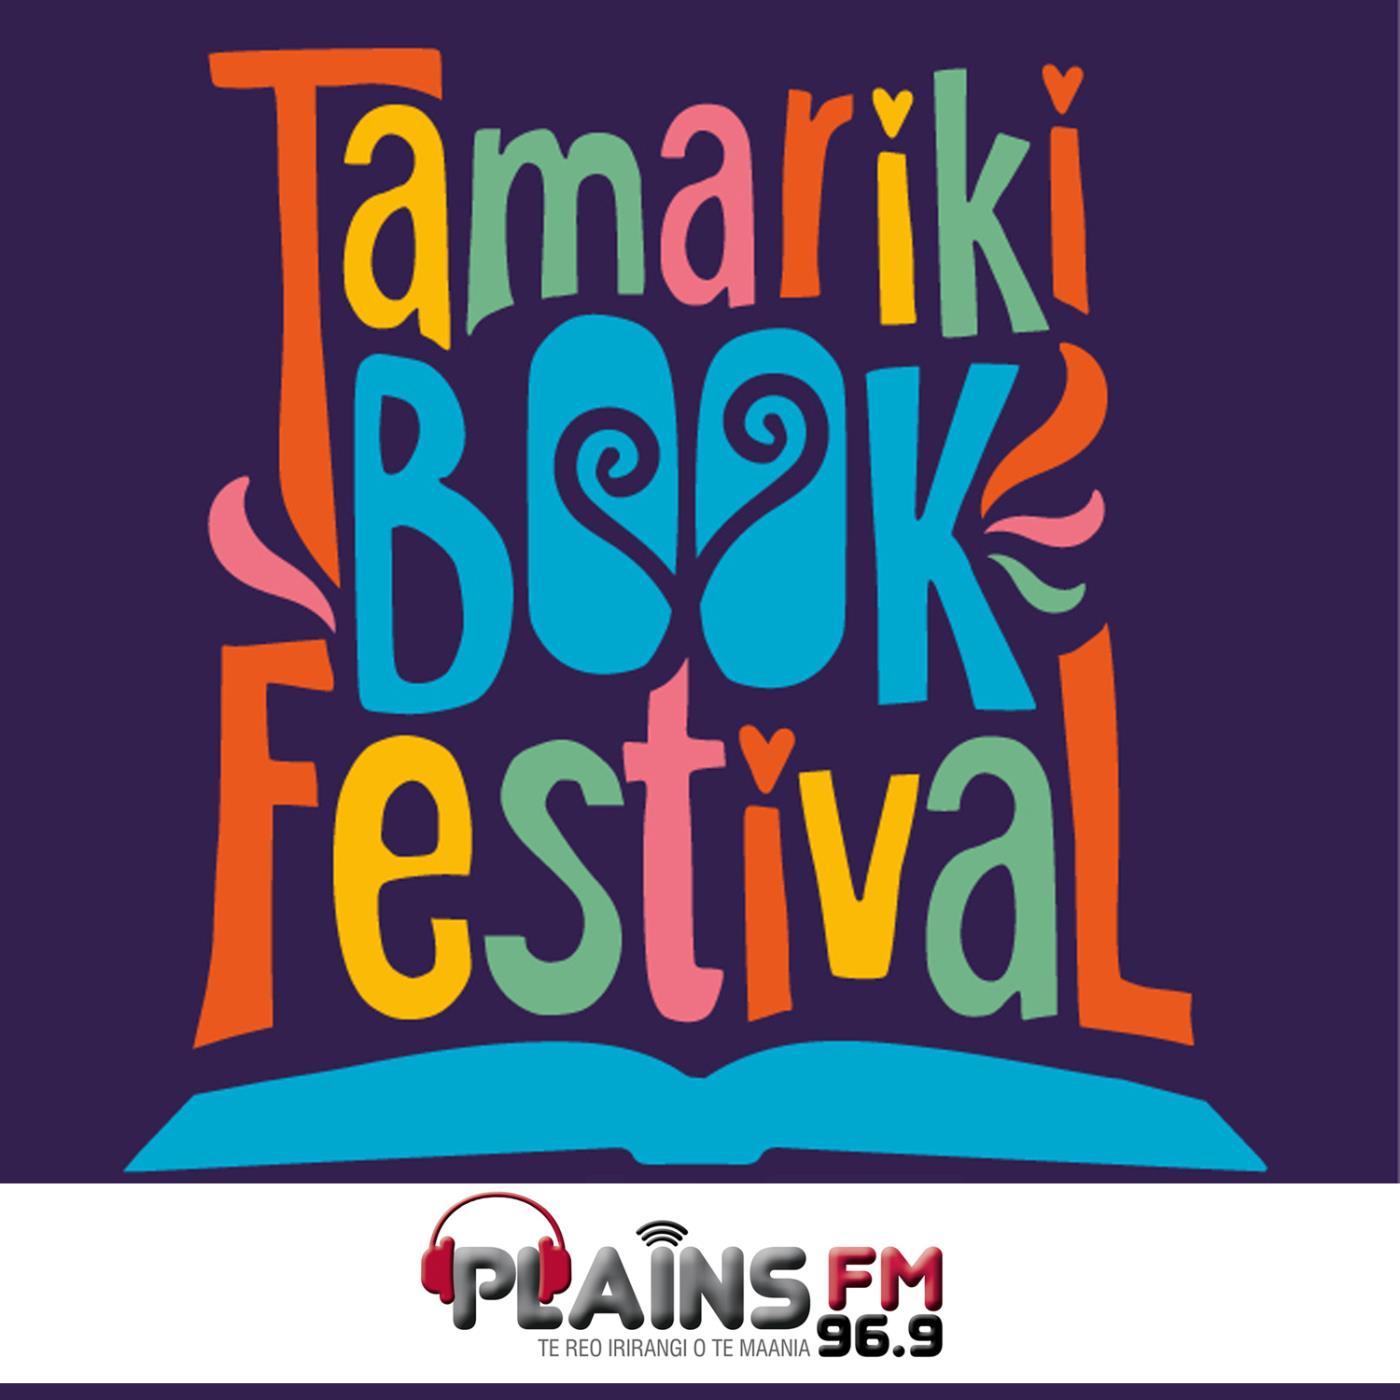 Tamariki Book Festival